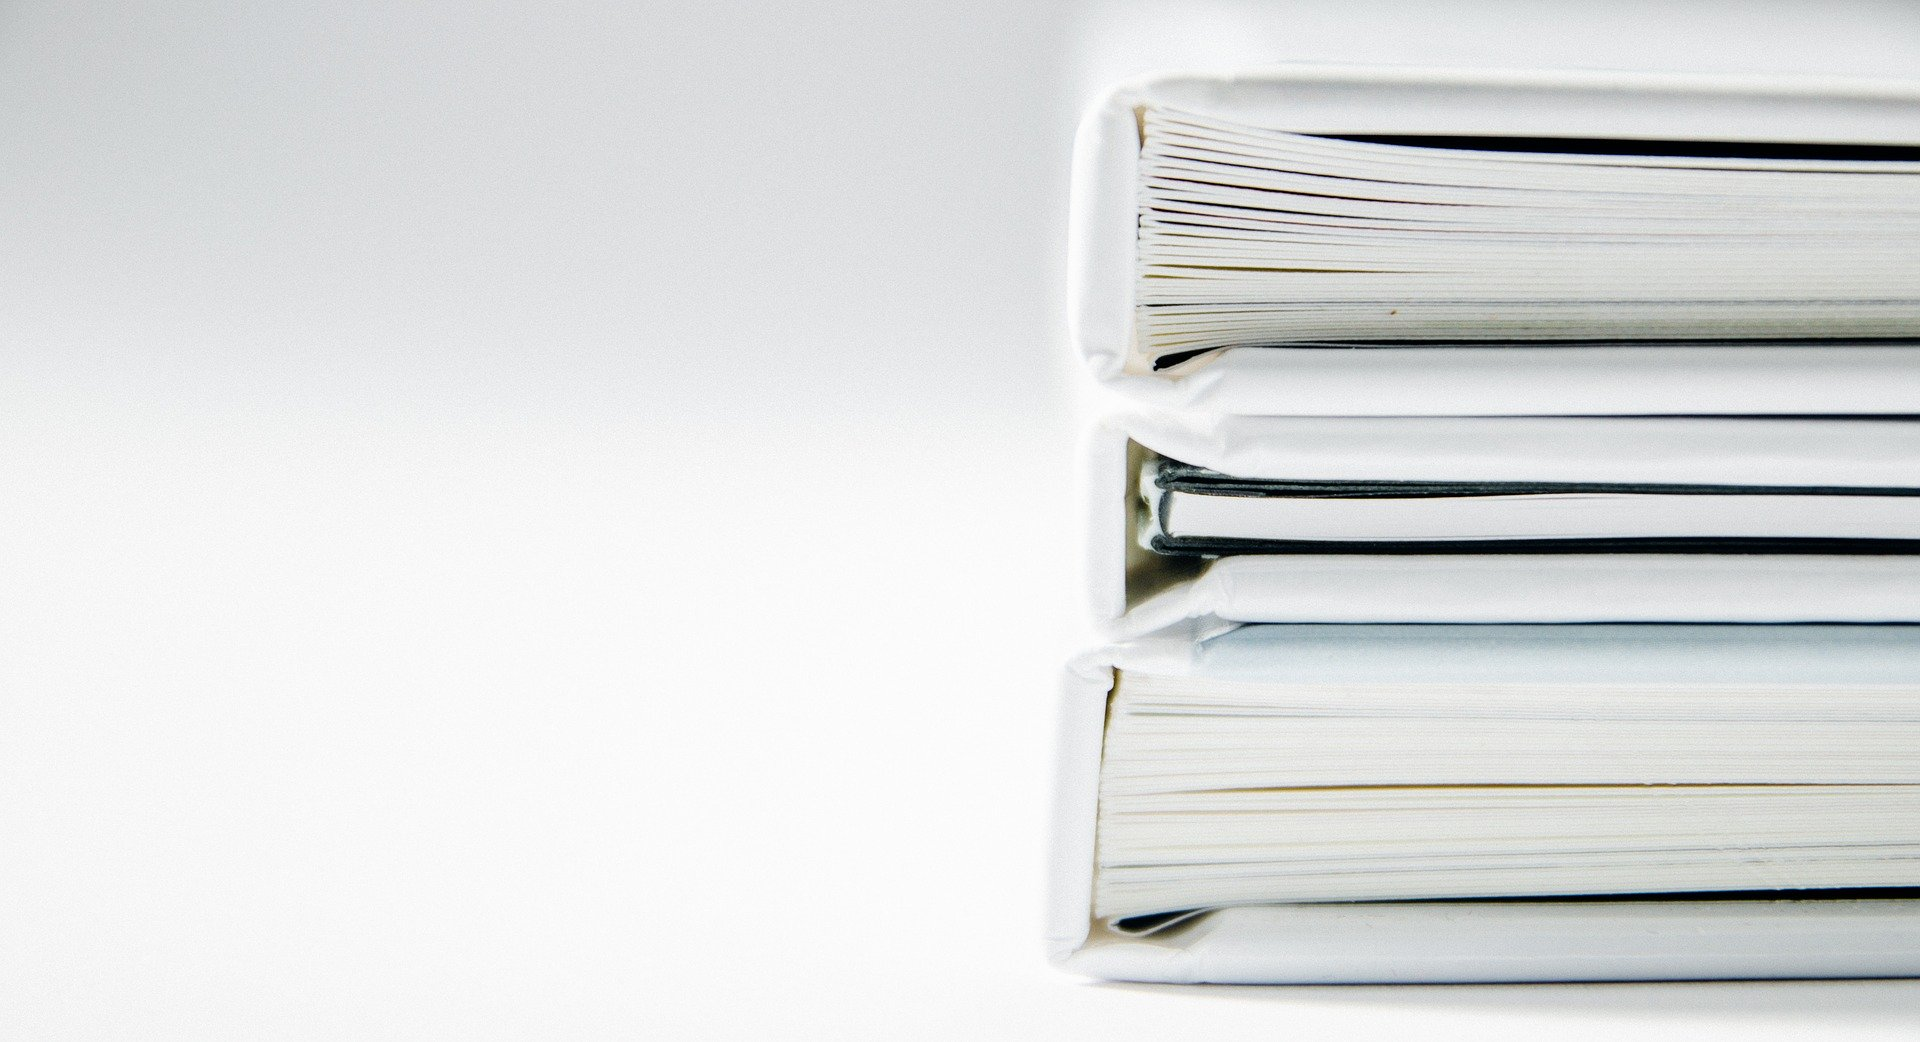 Déclaration impôts Fribourg les points saillants